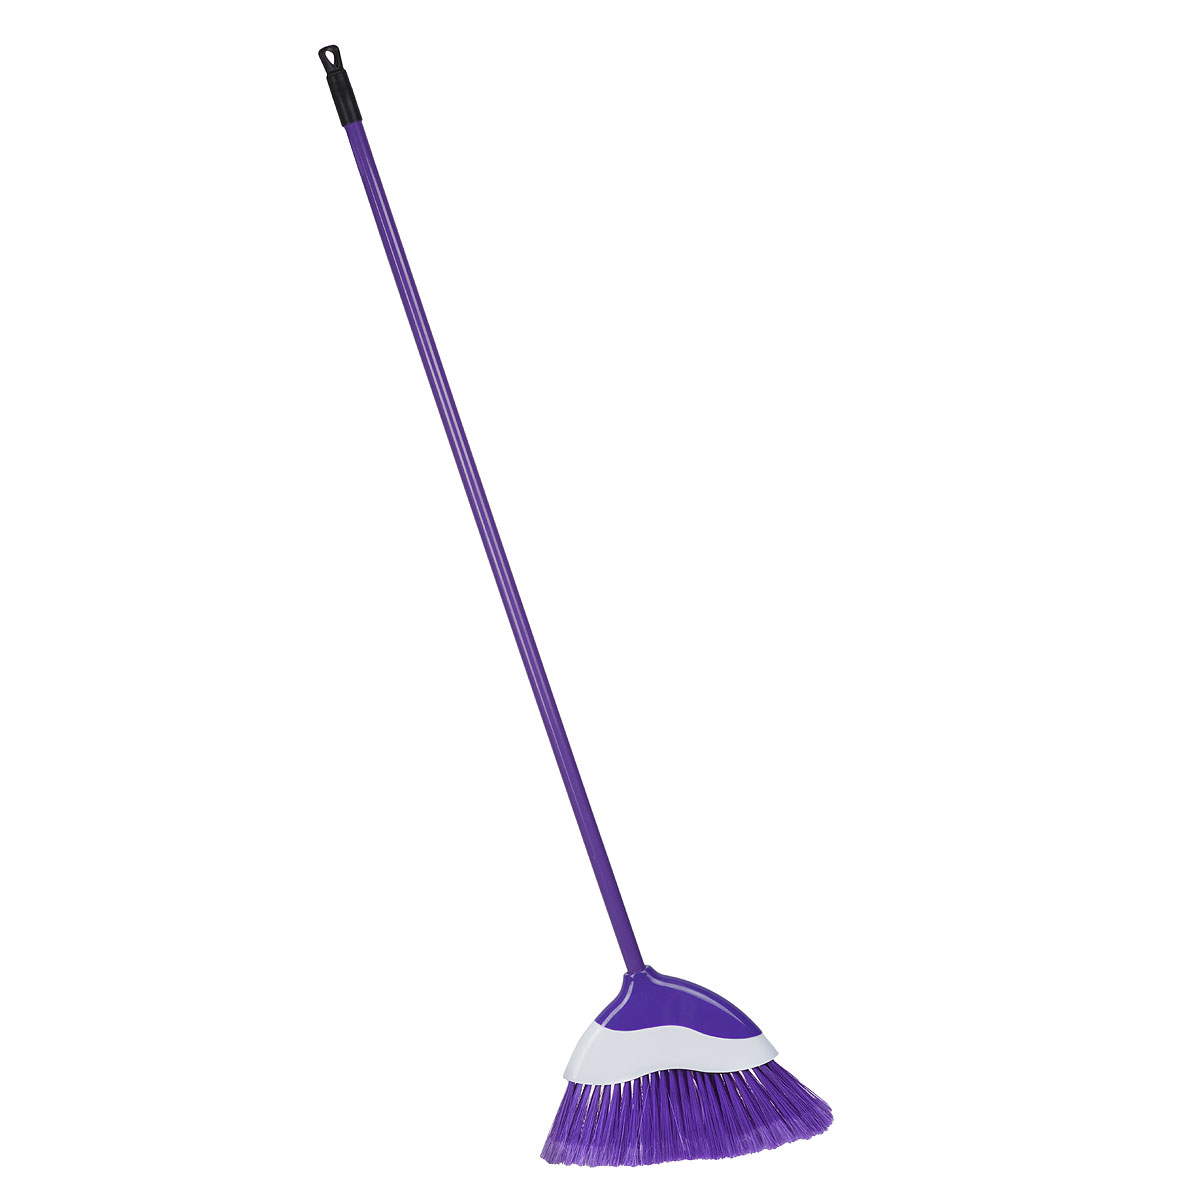 Еврошвабра Home Queen с фигурной насадкой, со съемной ручкой, цвет: фиолетовый, белый57246Еврошвабра Home Queen, выполненная из металла и полипропилена, идеальноподходит для подметания всехтипов напольных поверхностей благодаря длинной пластичной щетине.Изделие имеет фигурную съемную насадку с волнистыми краями.С шваброй Home Queen ваш дом будет сиять чистотой!Длина ручки: 108 см.Размер насадки: 34 х 4 х 22,5 см.Длина ворса: 10 см.